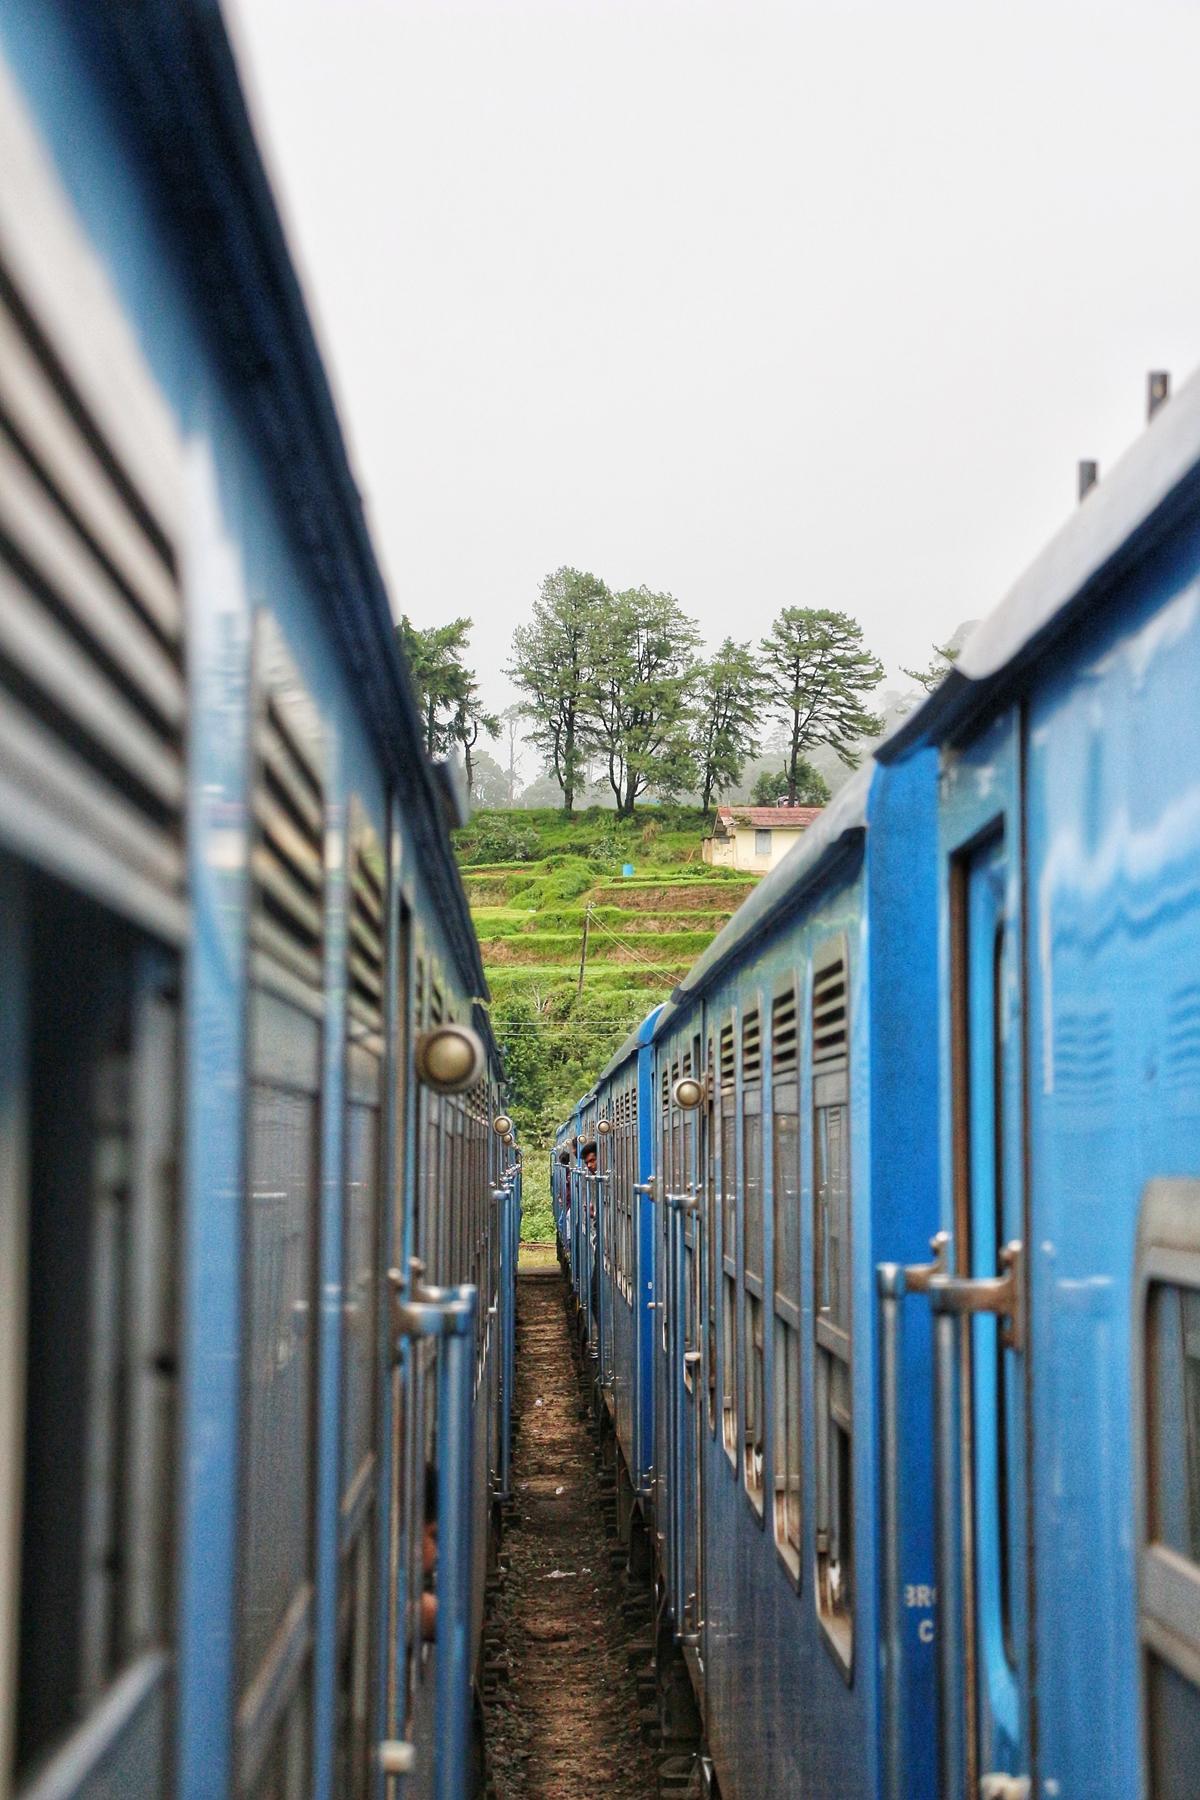 Train Sri Lanka NatnZin